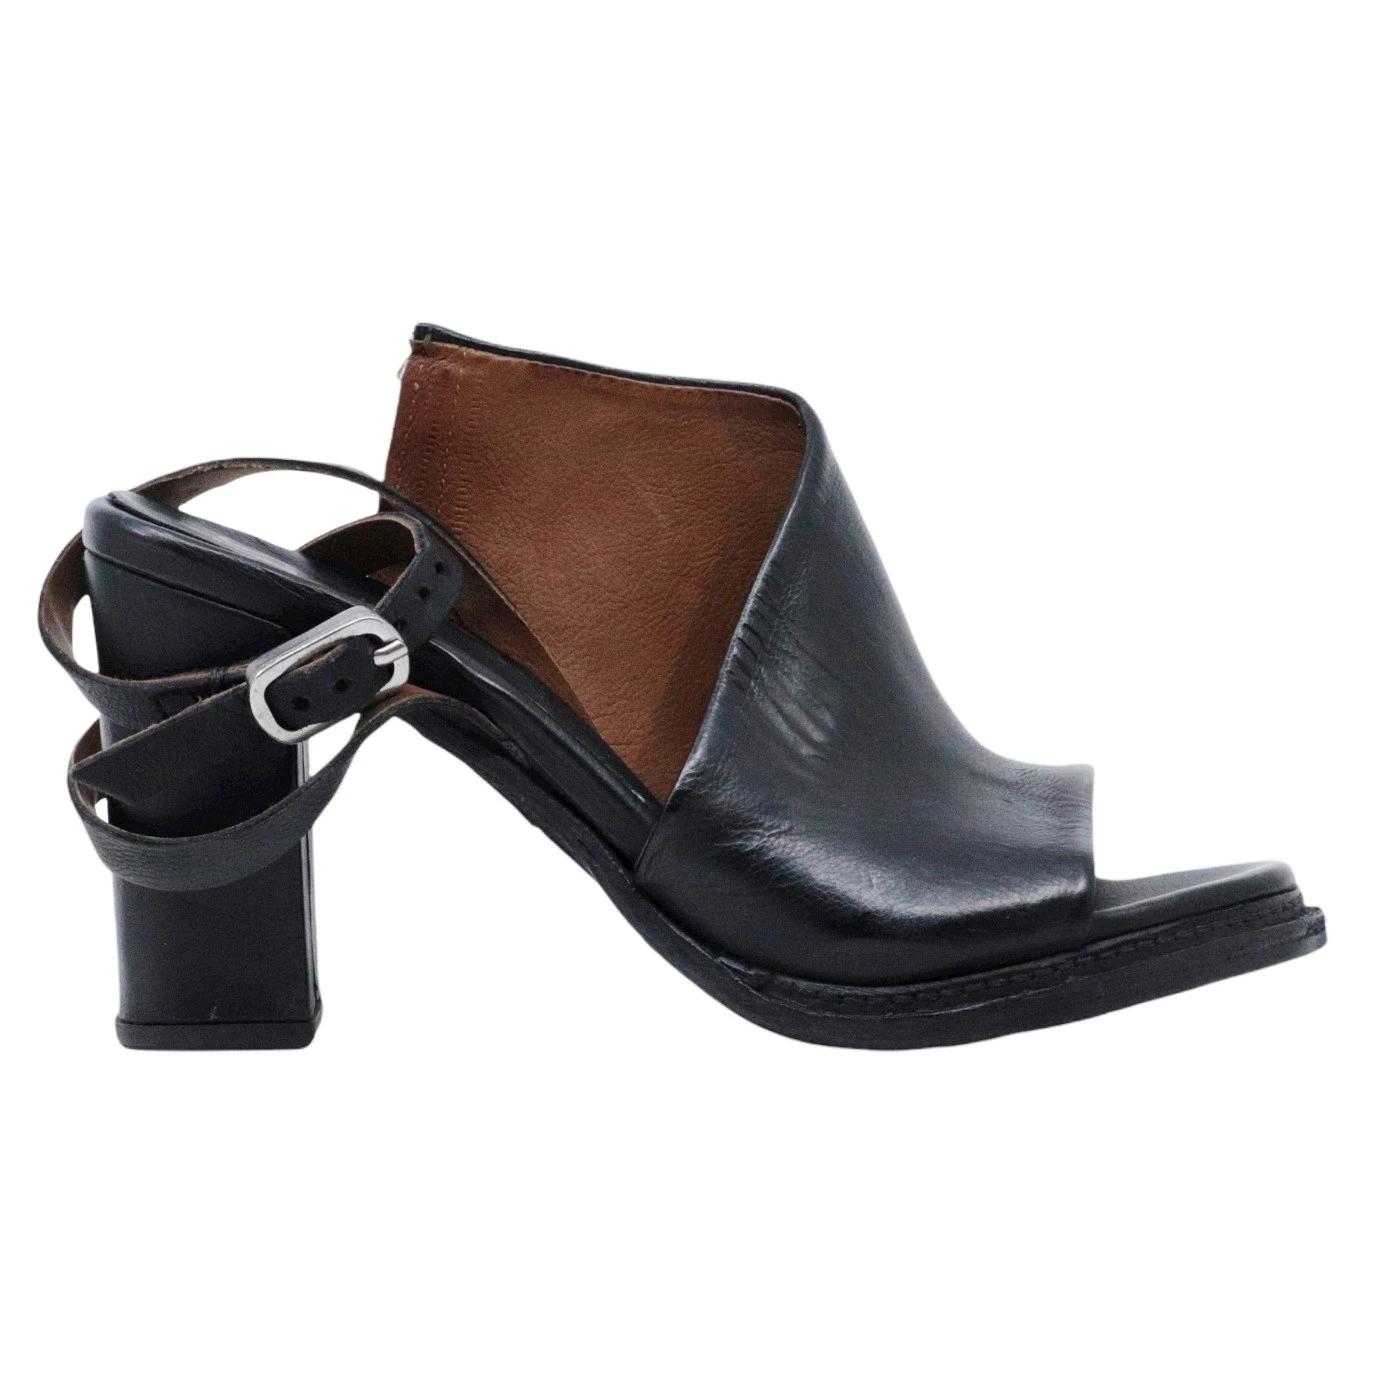 A.S. 98 589034 sandalo da donna in pelle nera